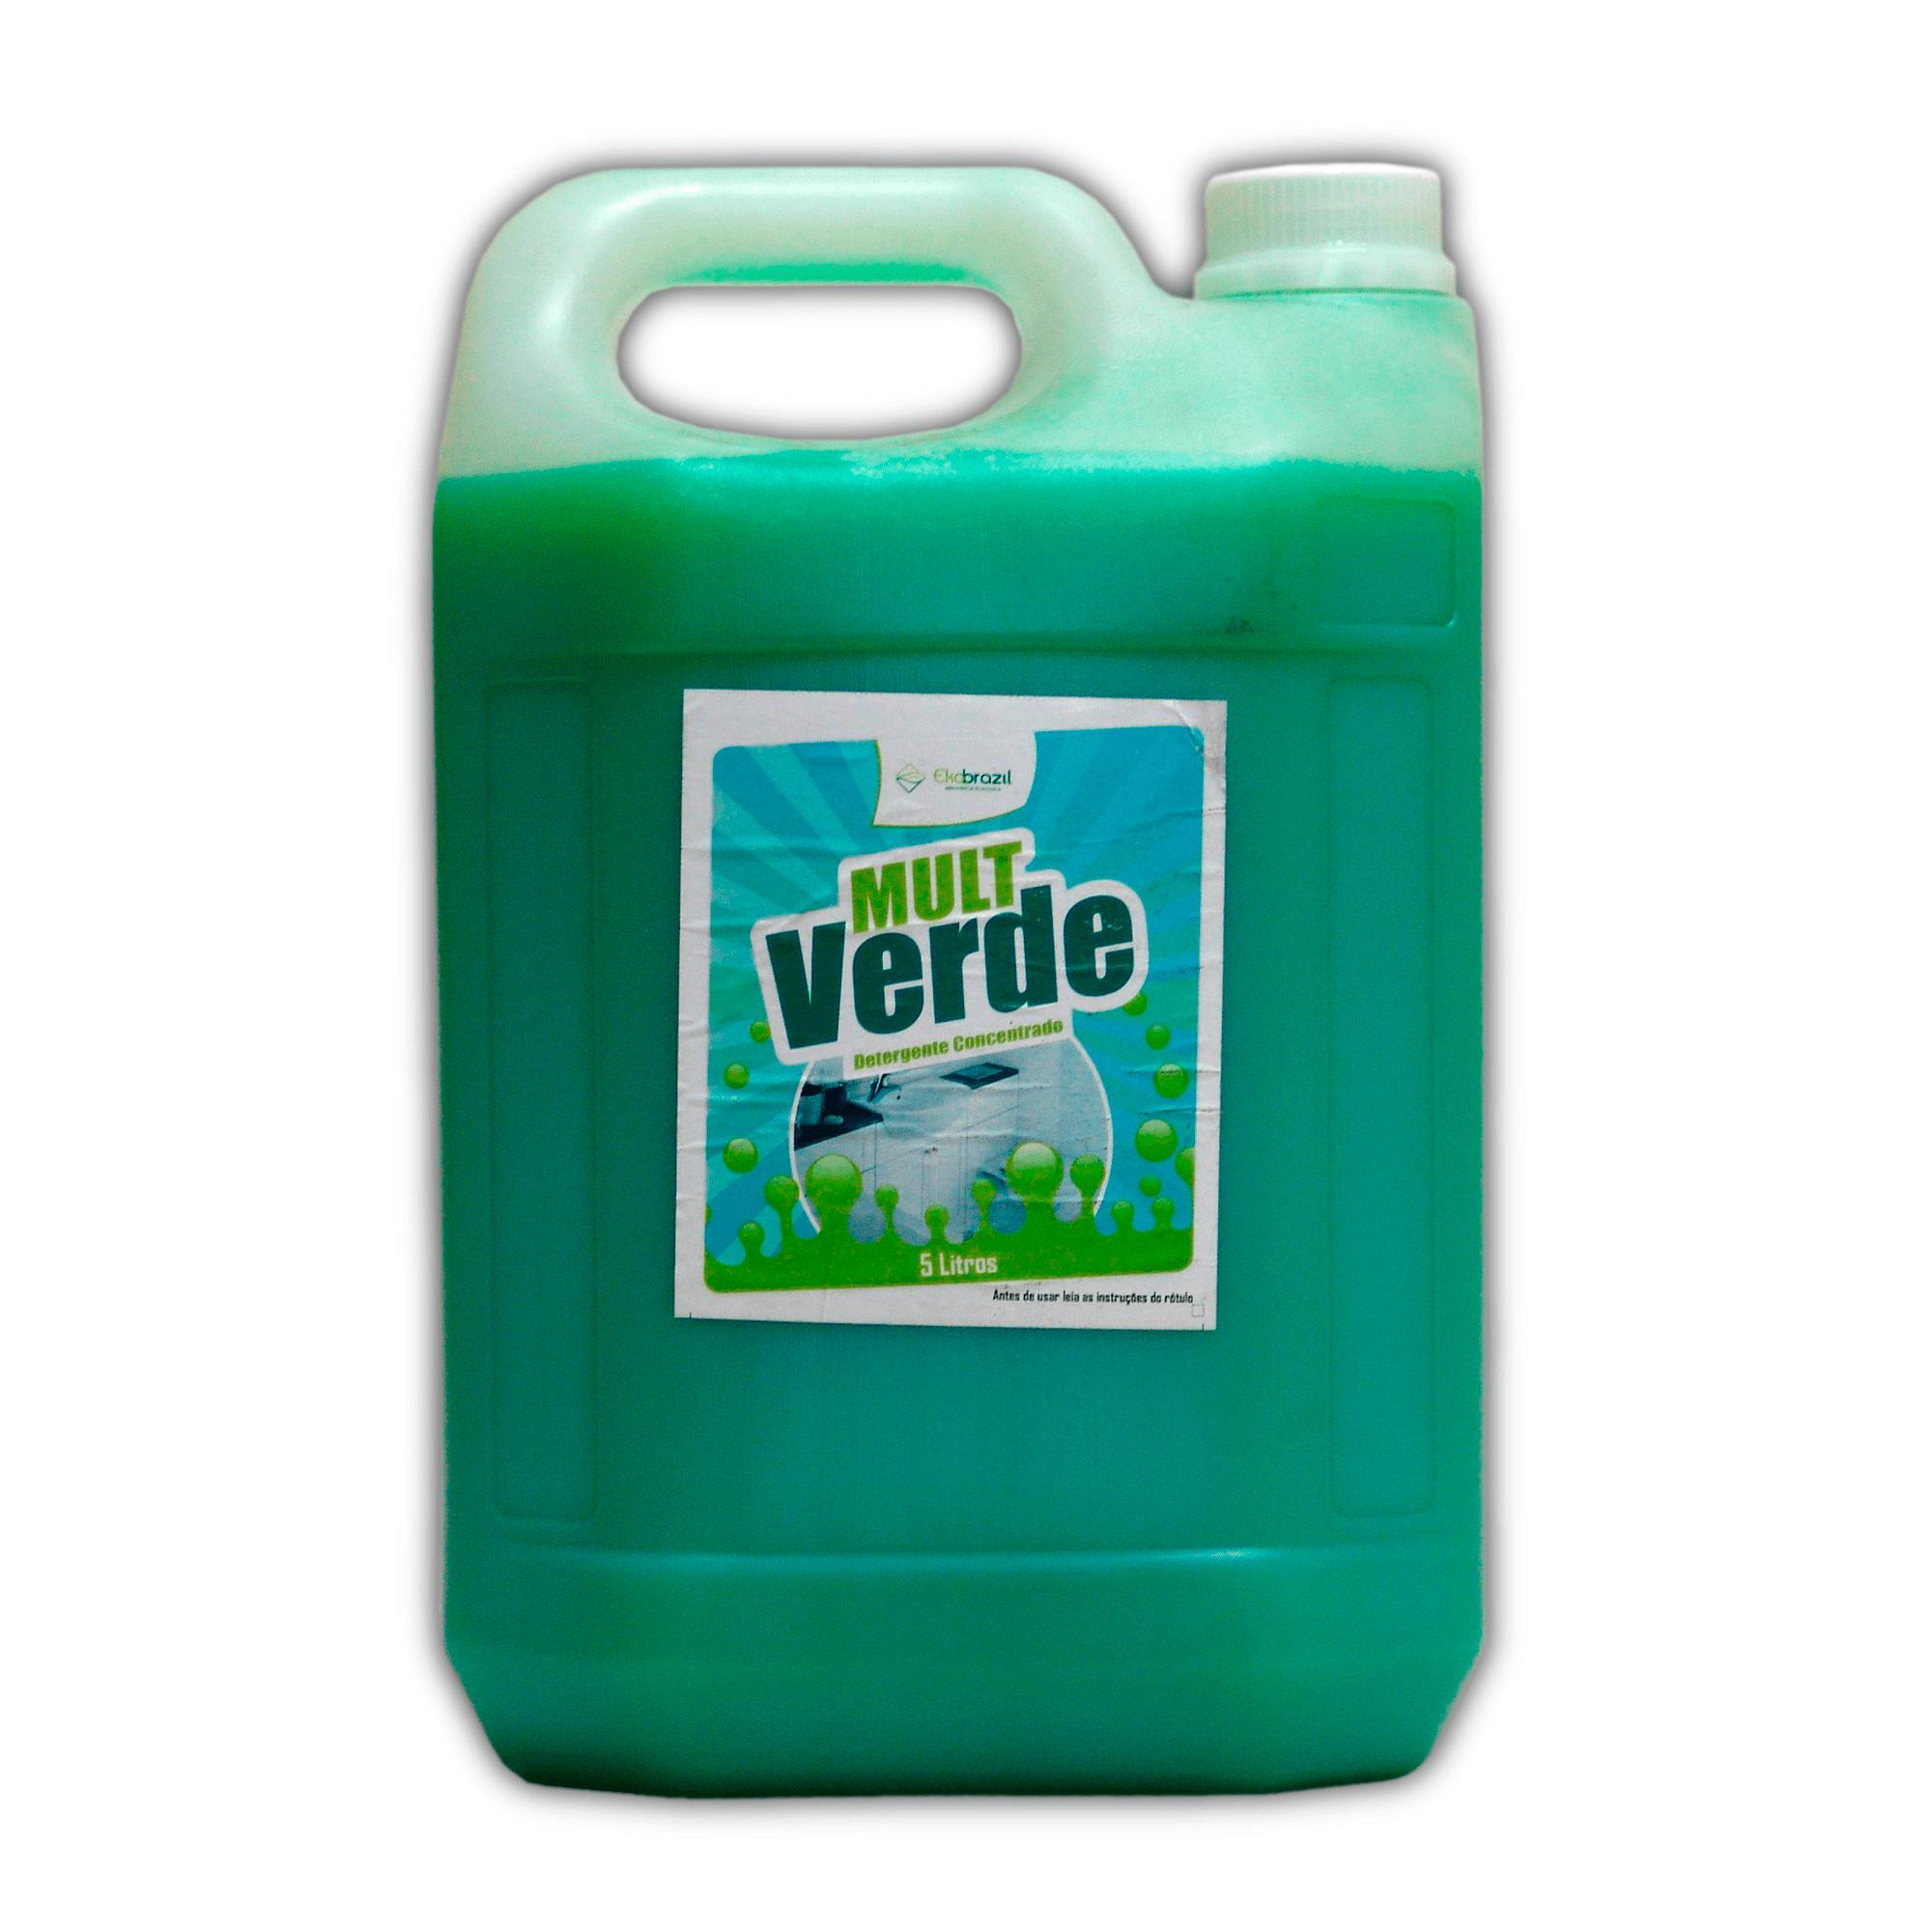 Preço Mult Verde 5l